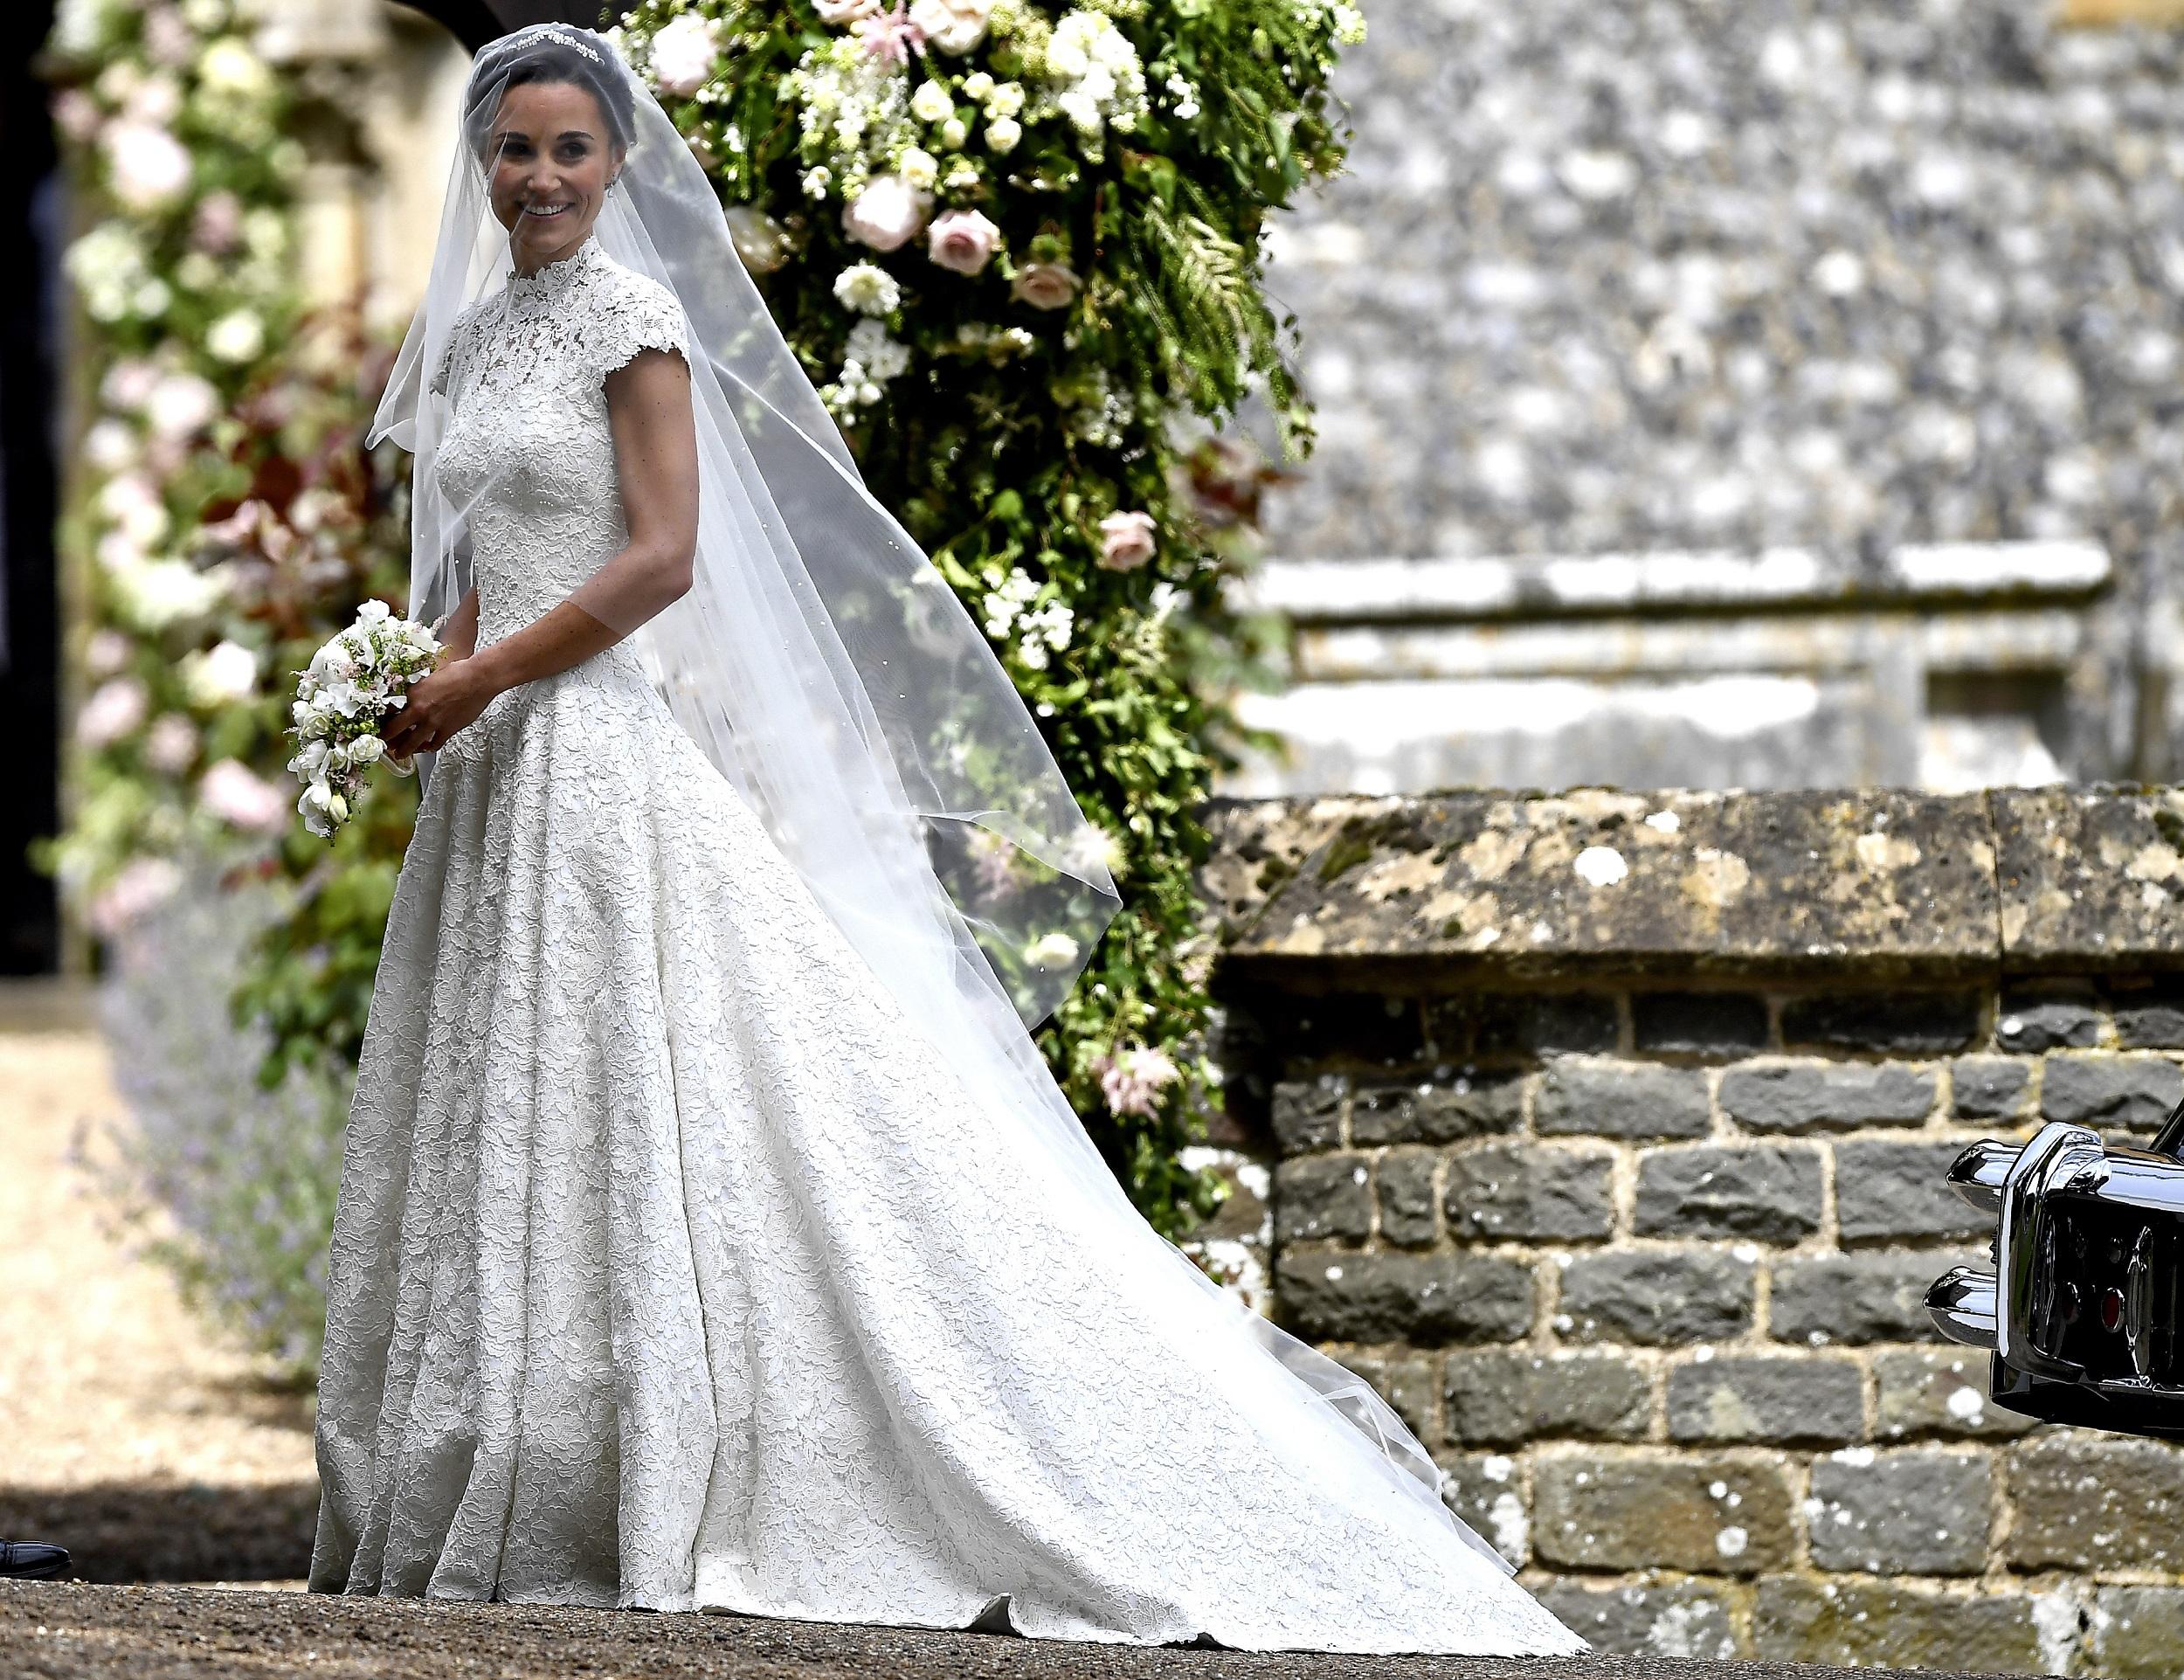 La hermana de la duquesa de Cambridge lució un vestido de cuello alto y encaje del  diseñador británico Giles Deaco. (AP Photo/Kirsty Wigglesworth, Pool)